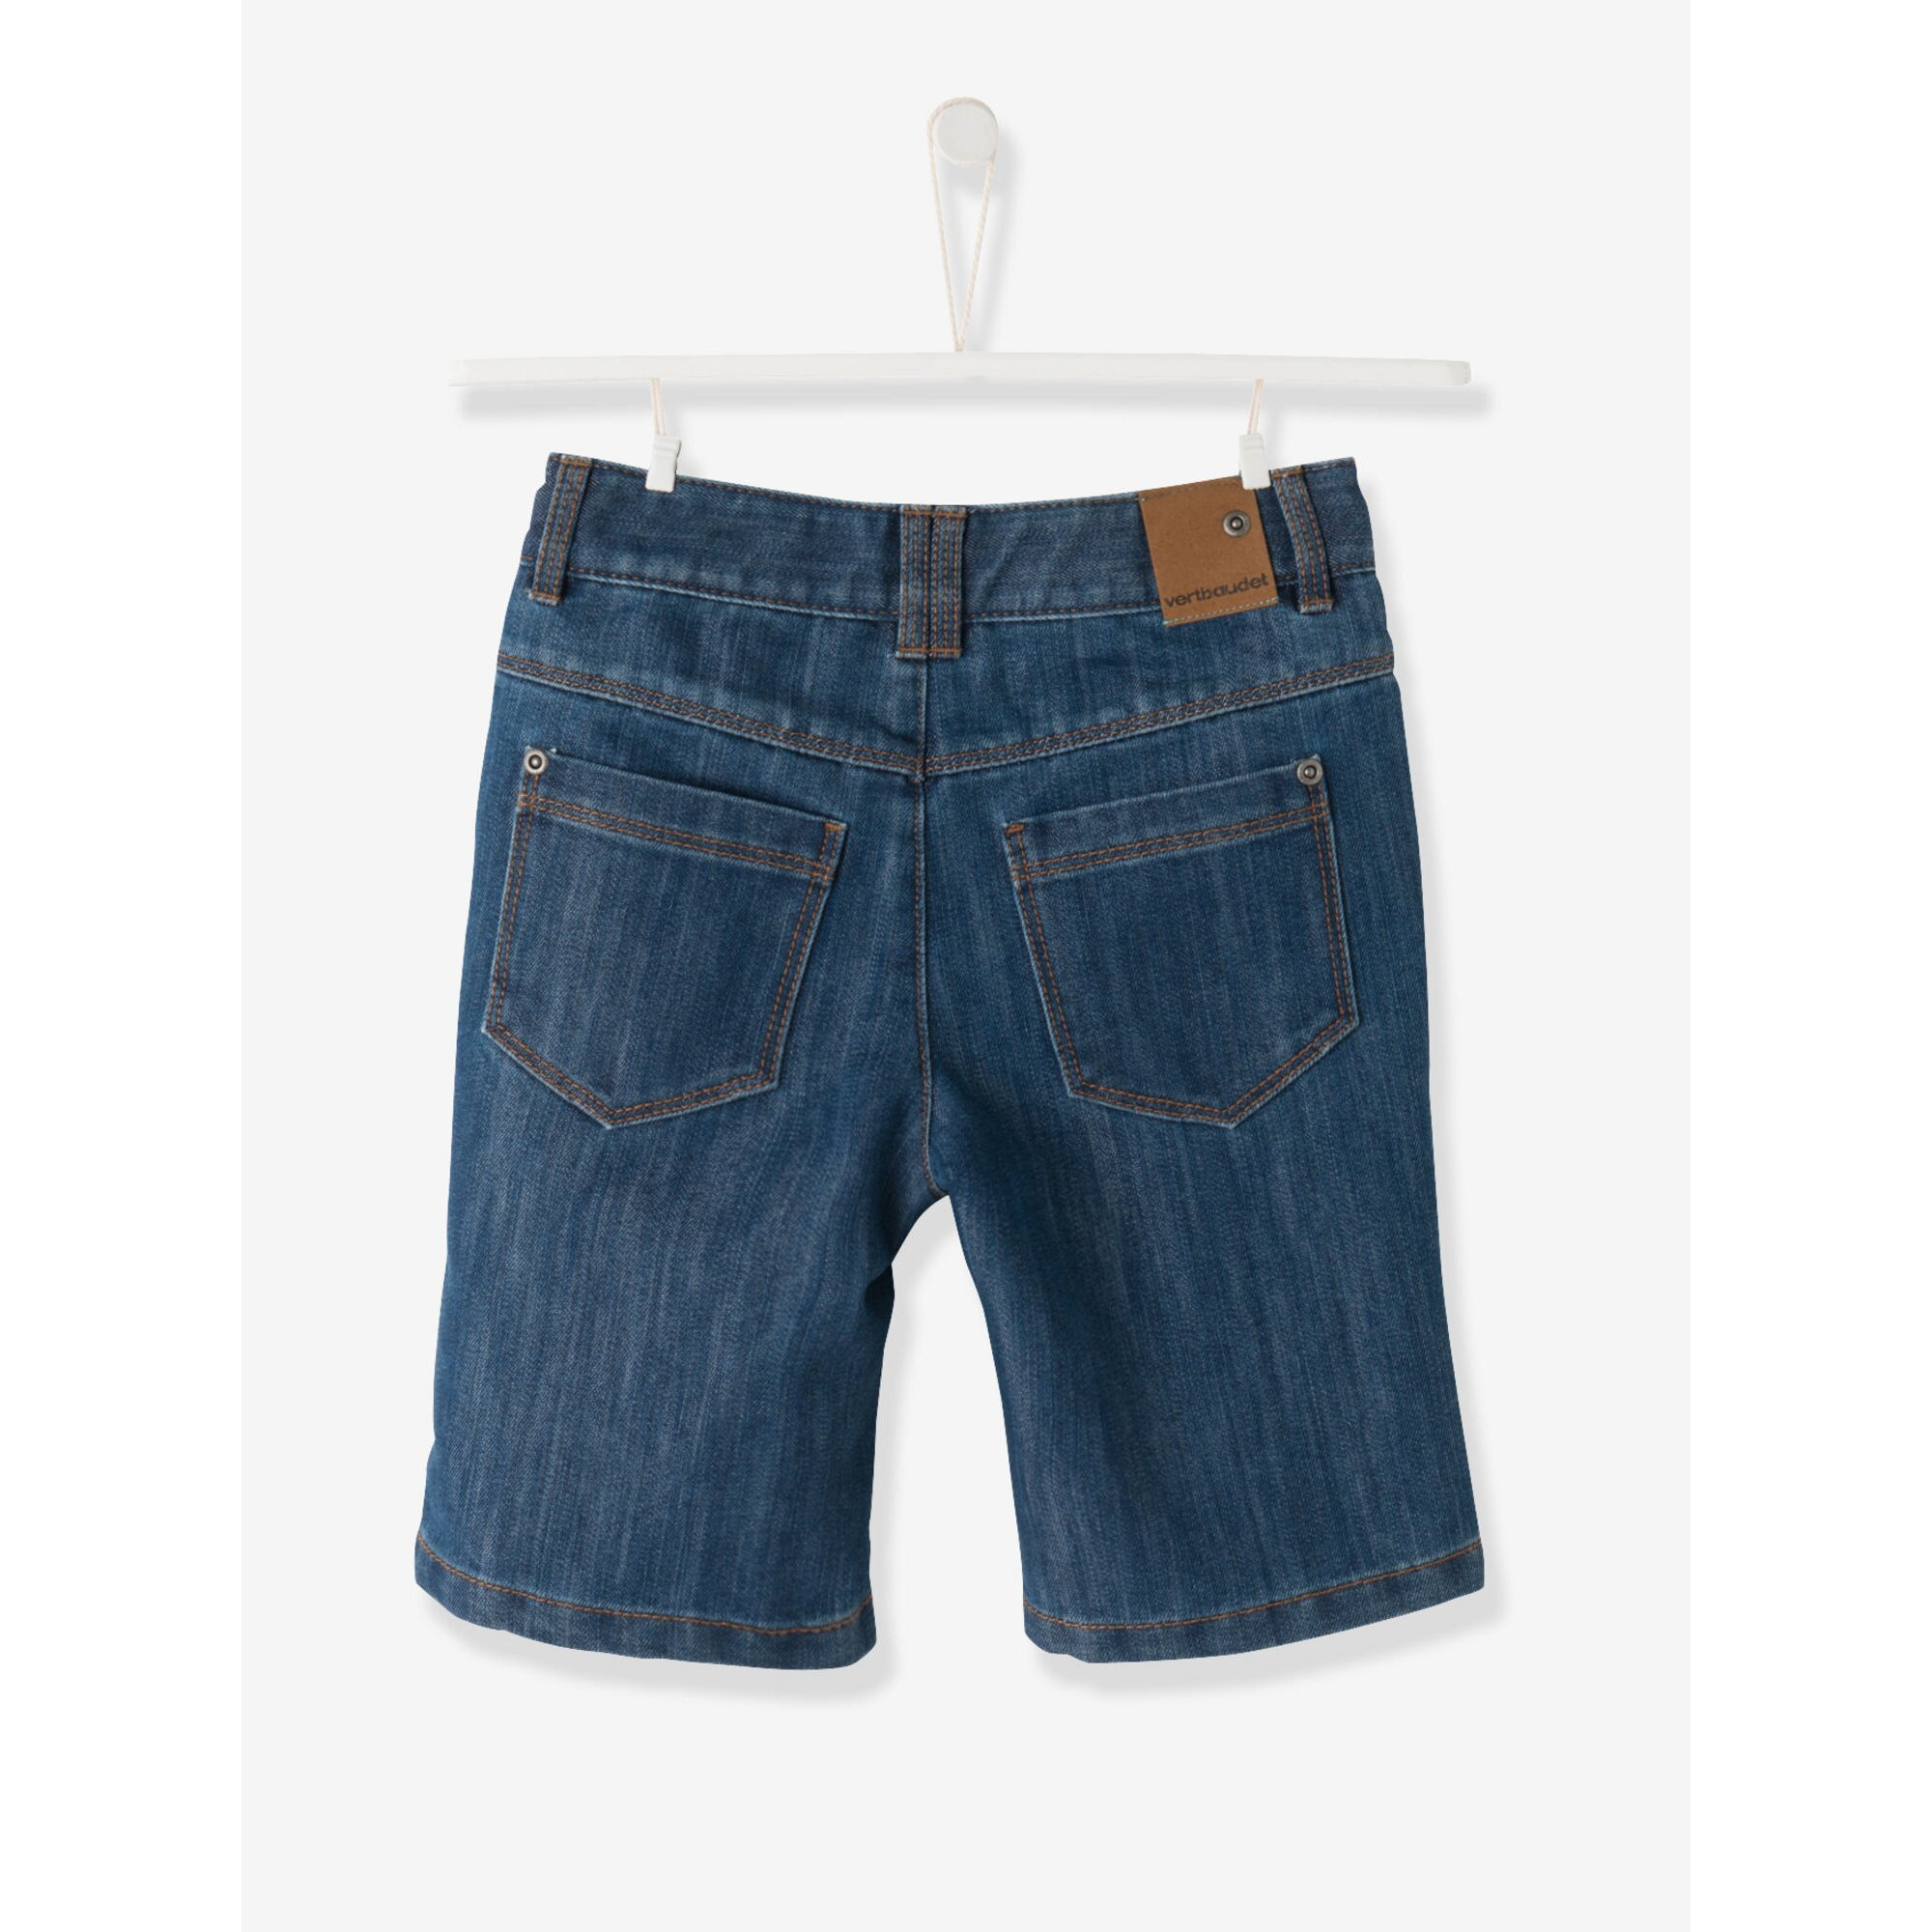 vertbaudet-jeans-bermudas-fur-jungen, 13.99 EUR @ babywalz-de